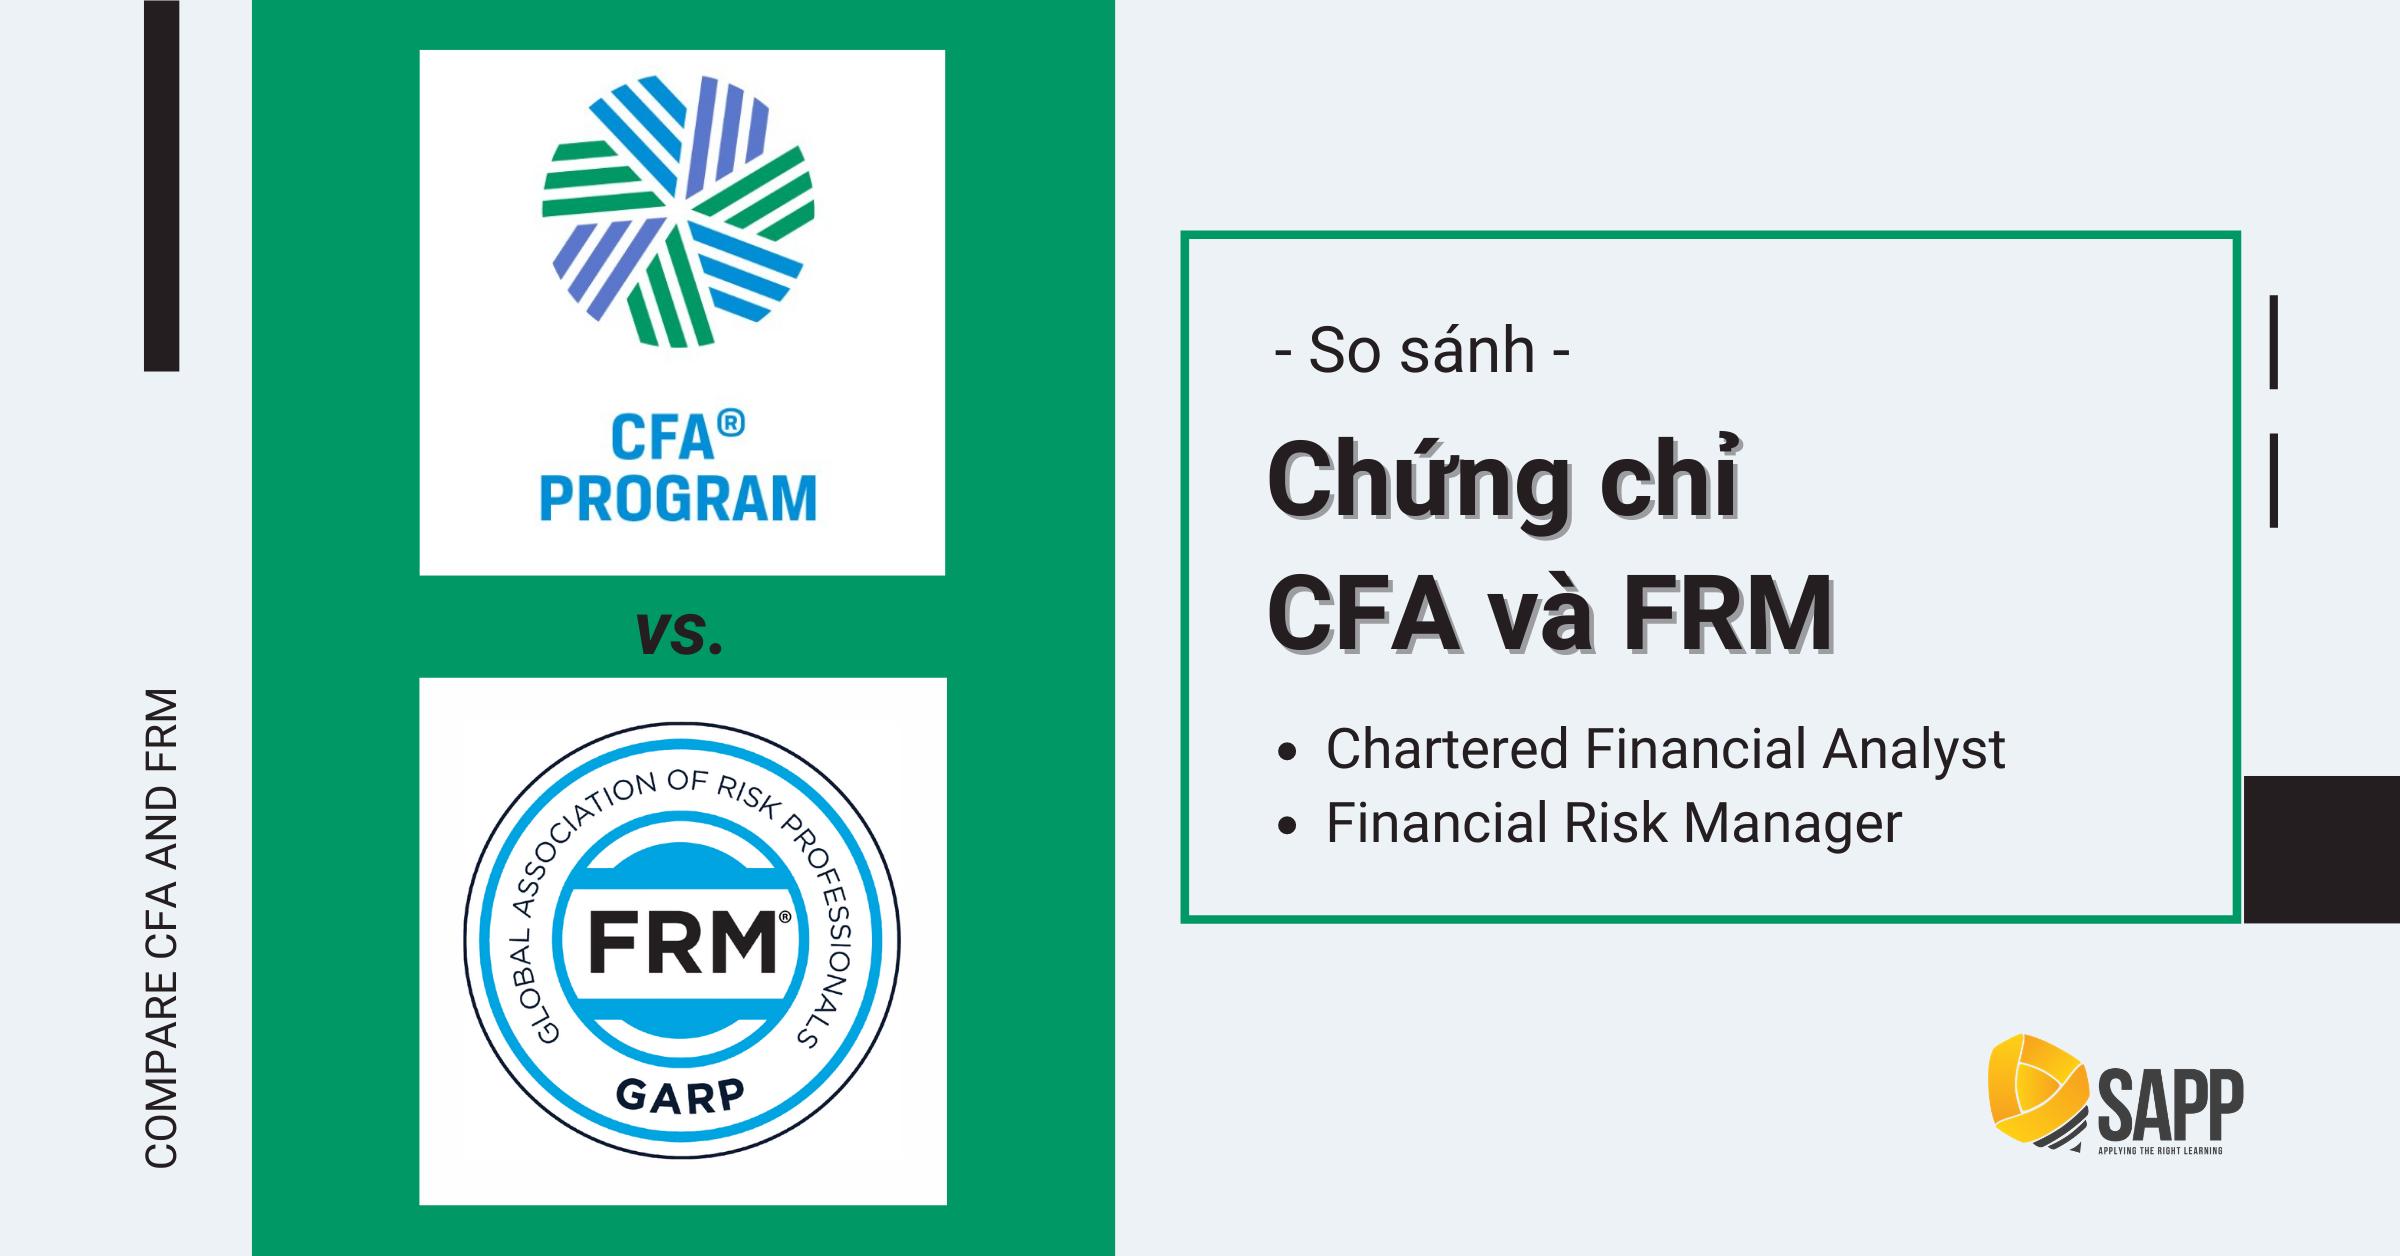 So Sánh CFA Và FRM - Chứng Chỉ Nào Phù Hợp Với Bạn?